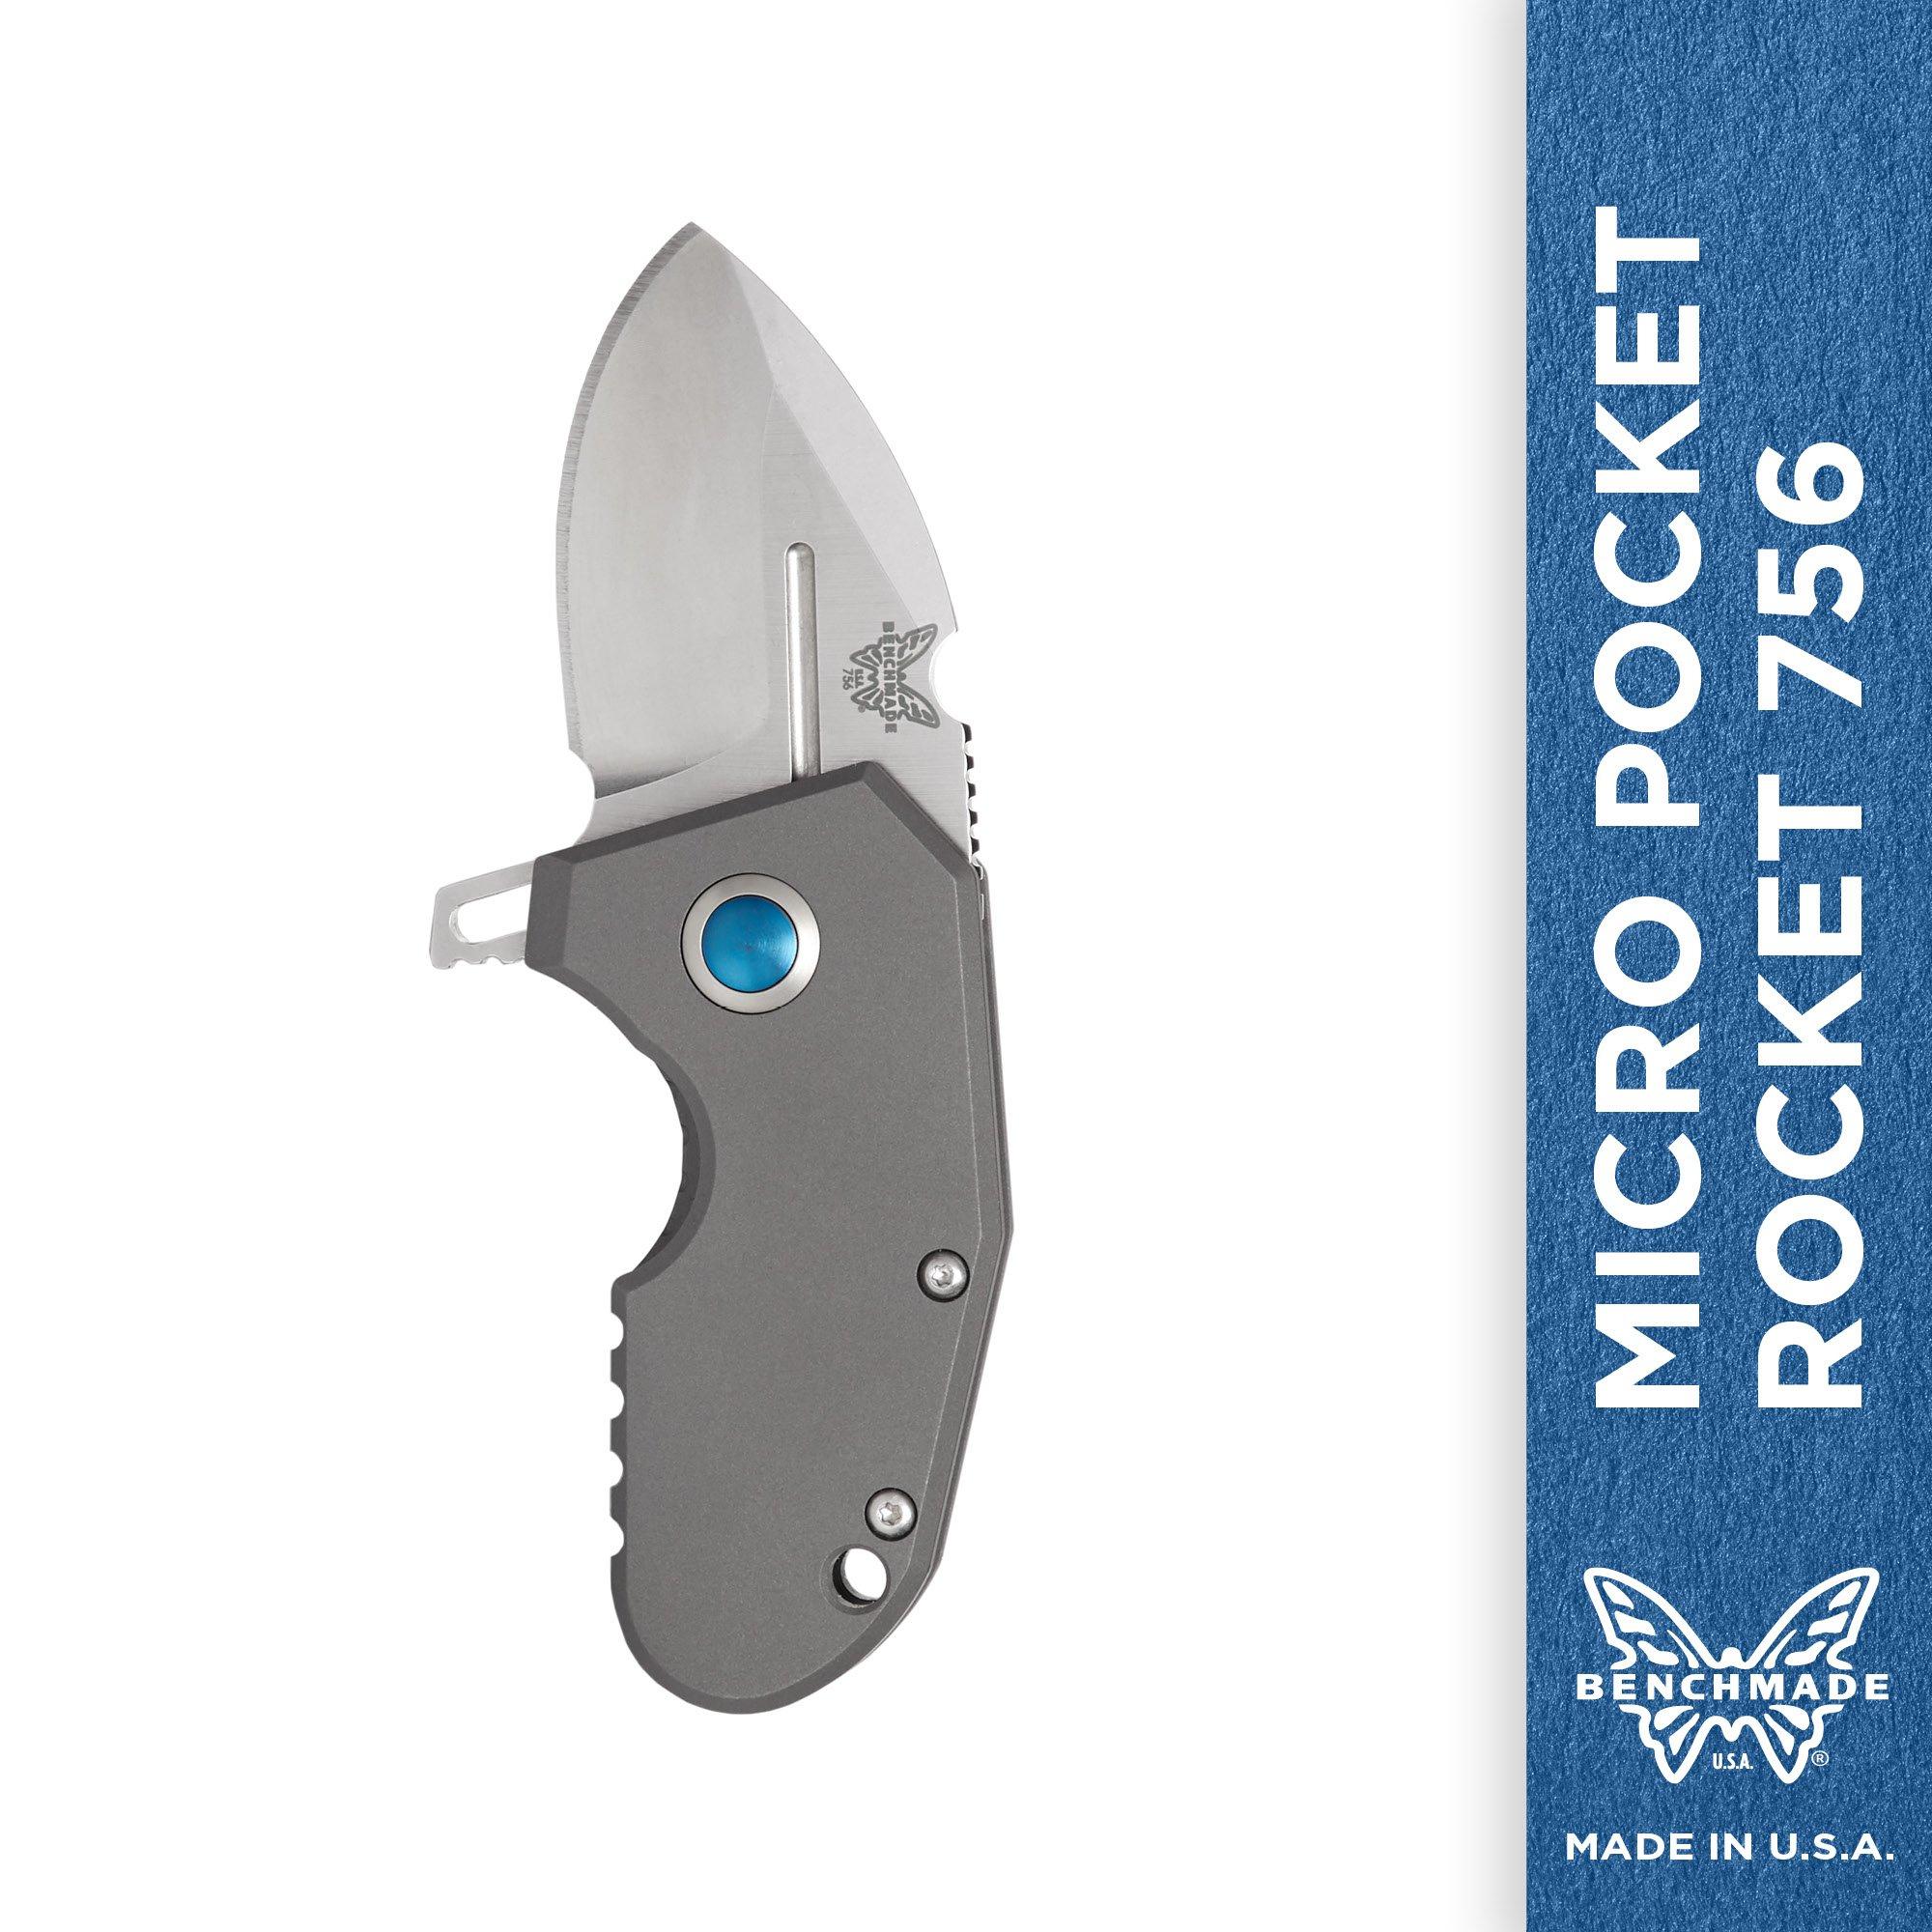 Benchmade - Micro Pocket Rocket 756 Tiny Pocket Knife, Drop-Point Blade, Plain Edge, Satin Finish, Gray Handle